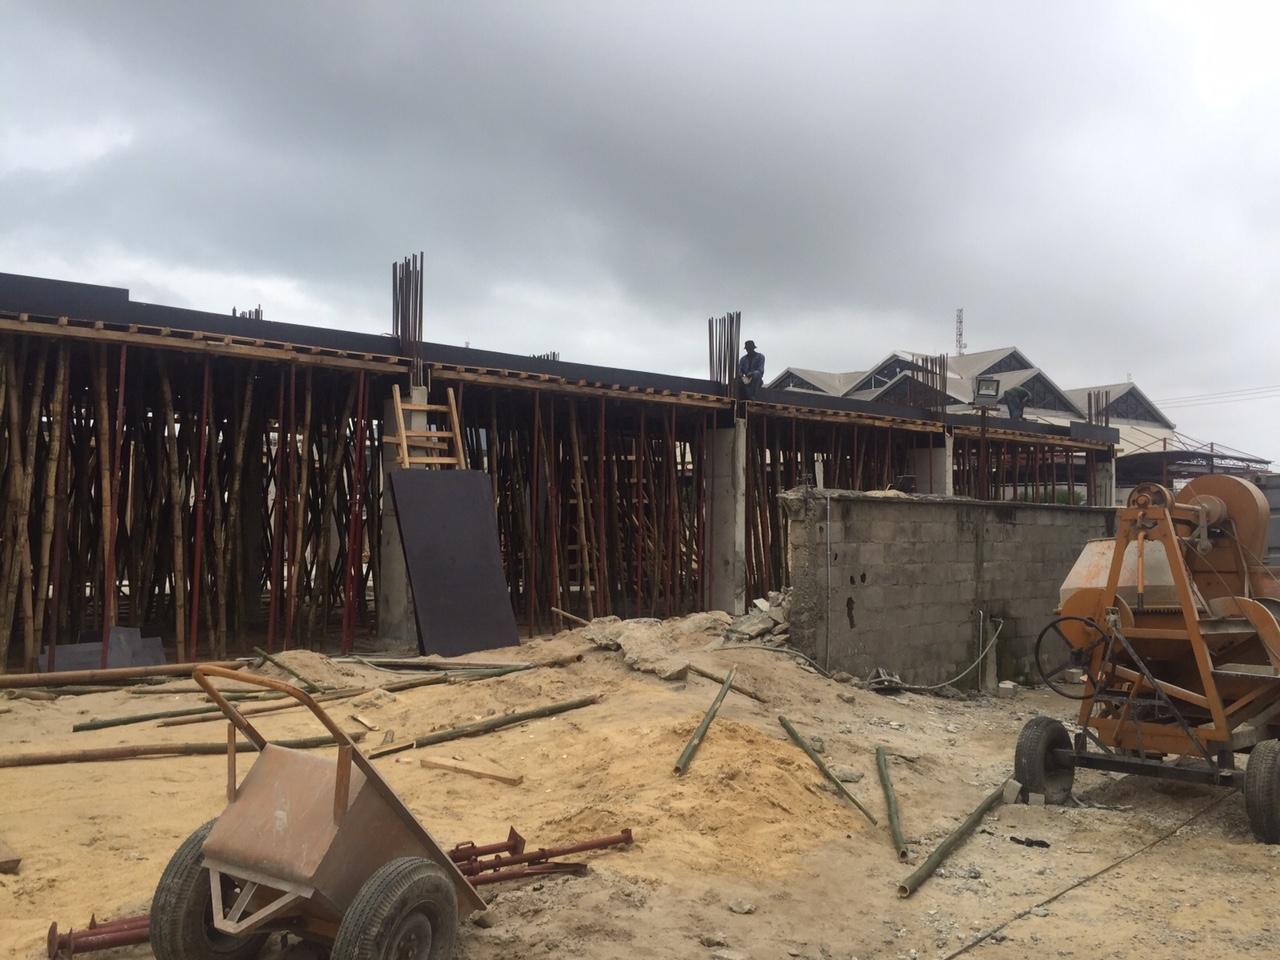 August 2015. Updated - Development: The Art Hotel, Oniru - Lagos